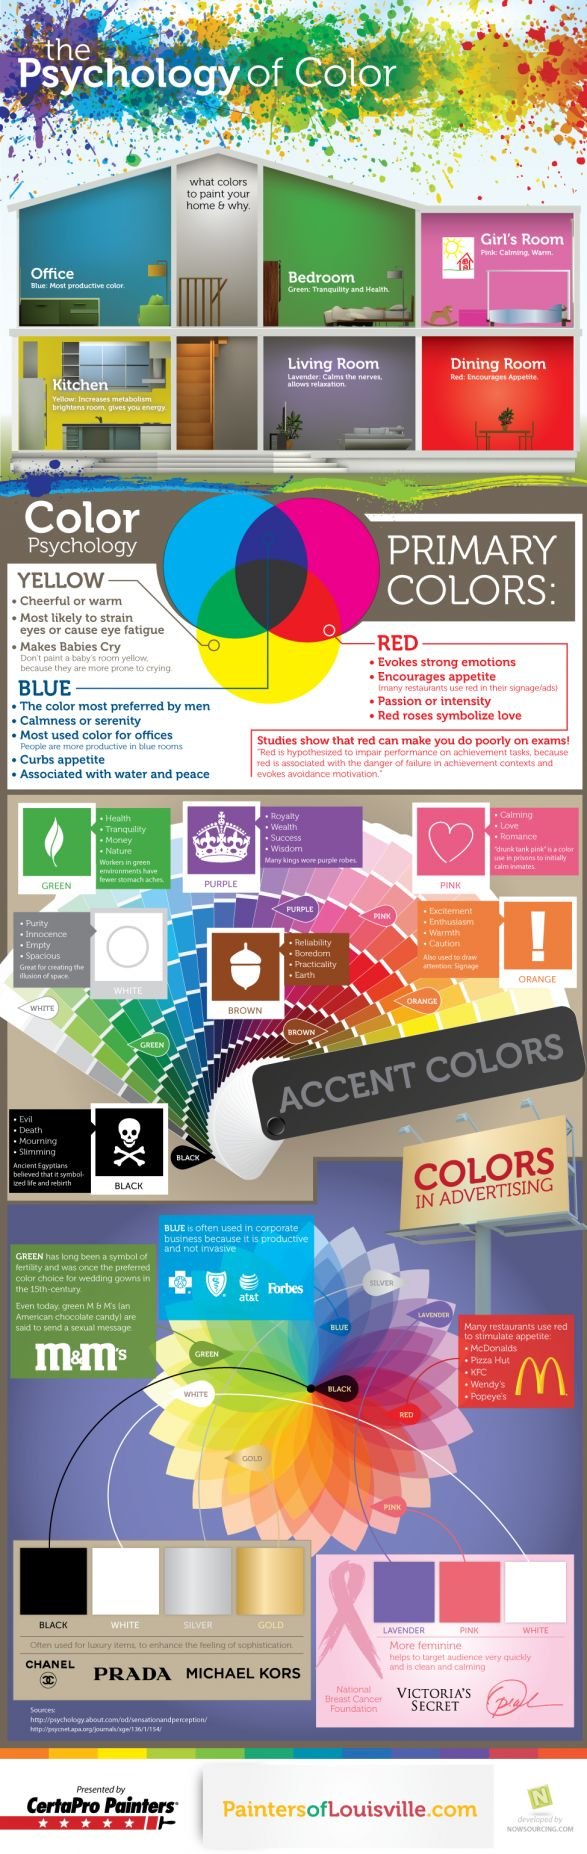 La Psicologia del Color - The Psychology of Color